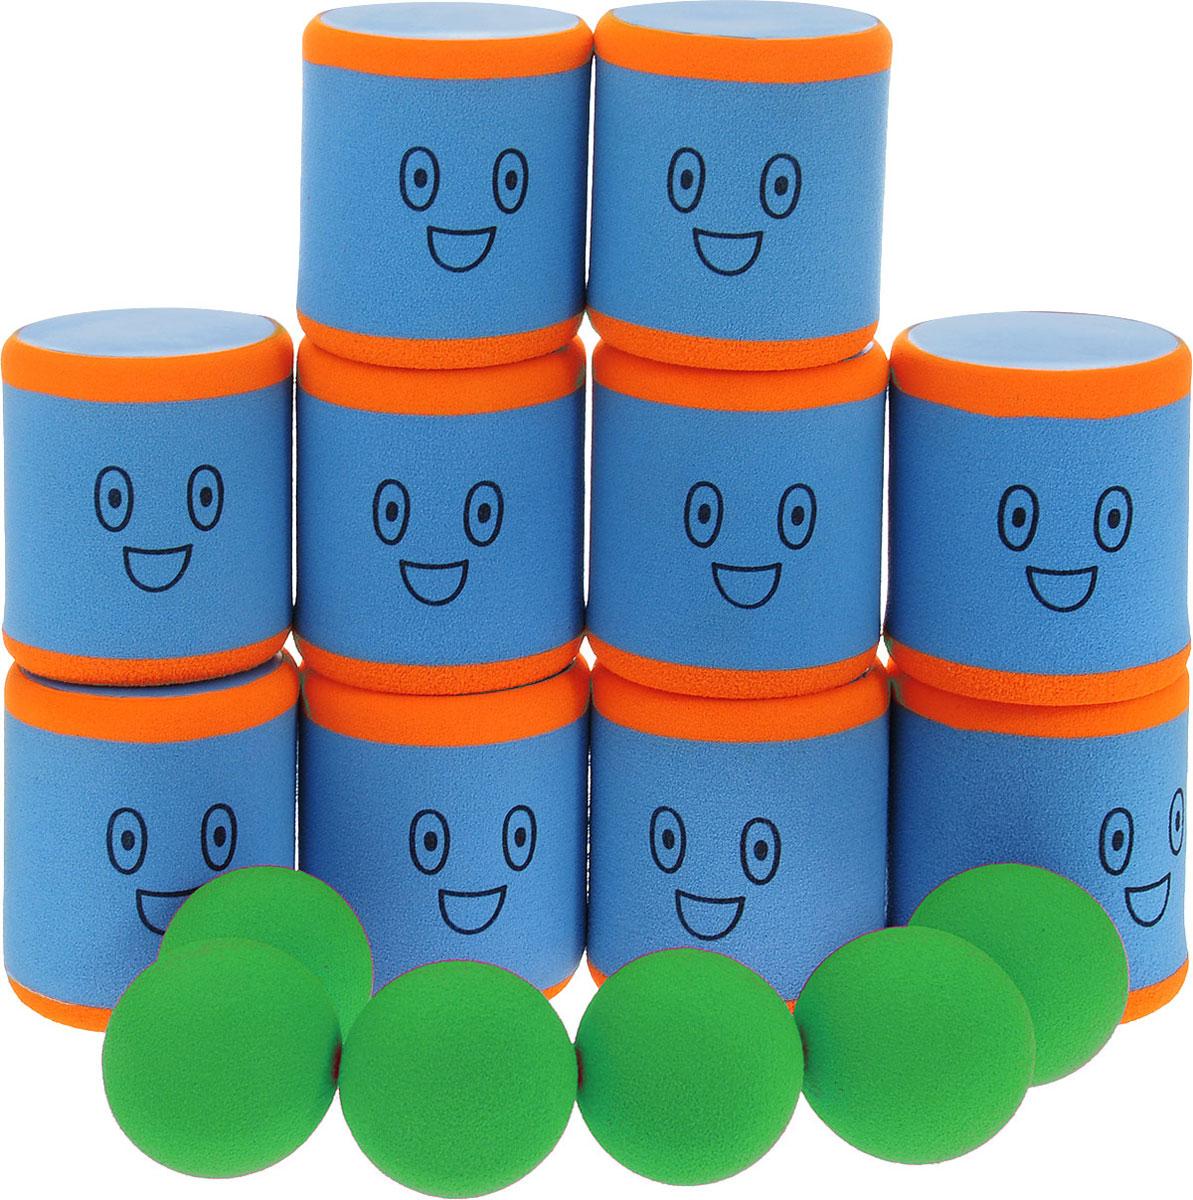 Safsof Игровой набор Городки цвет голубой оранжевый зеленый